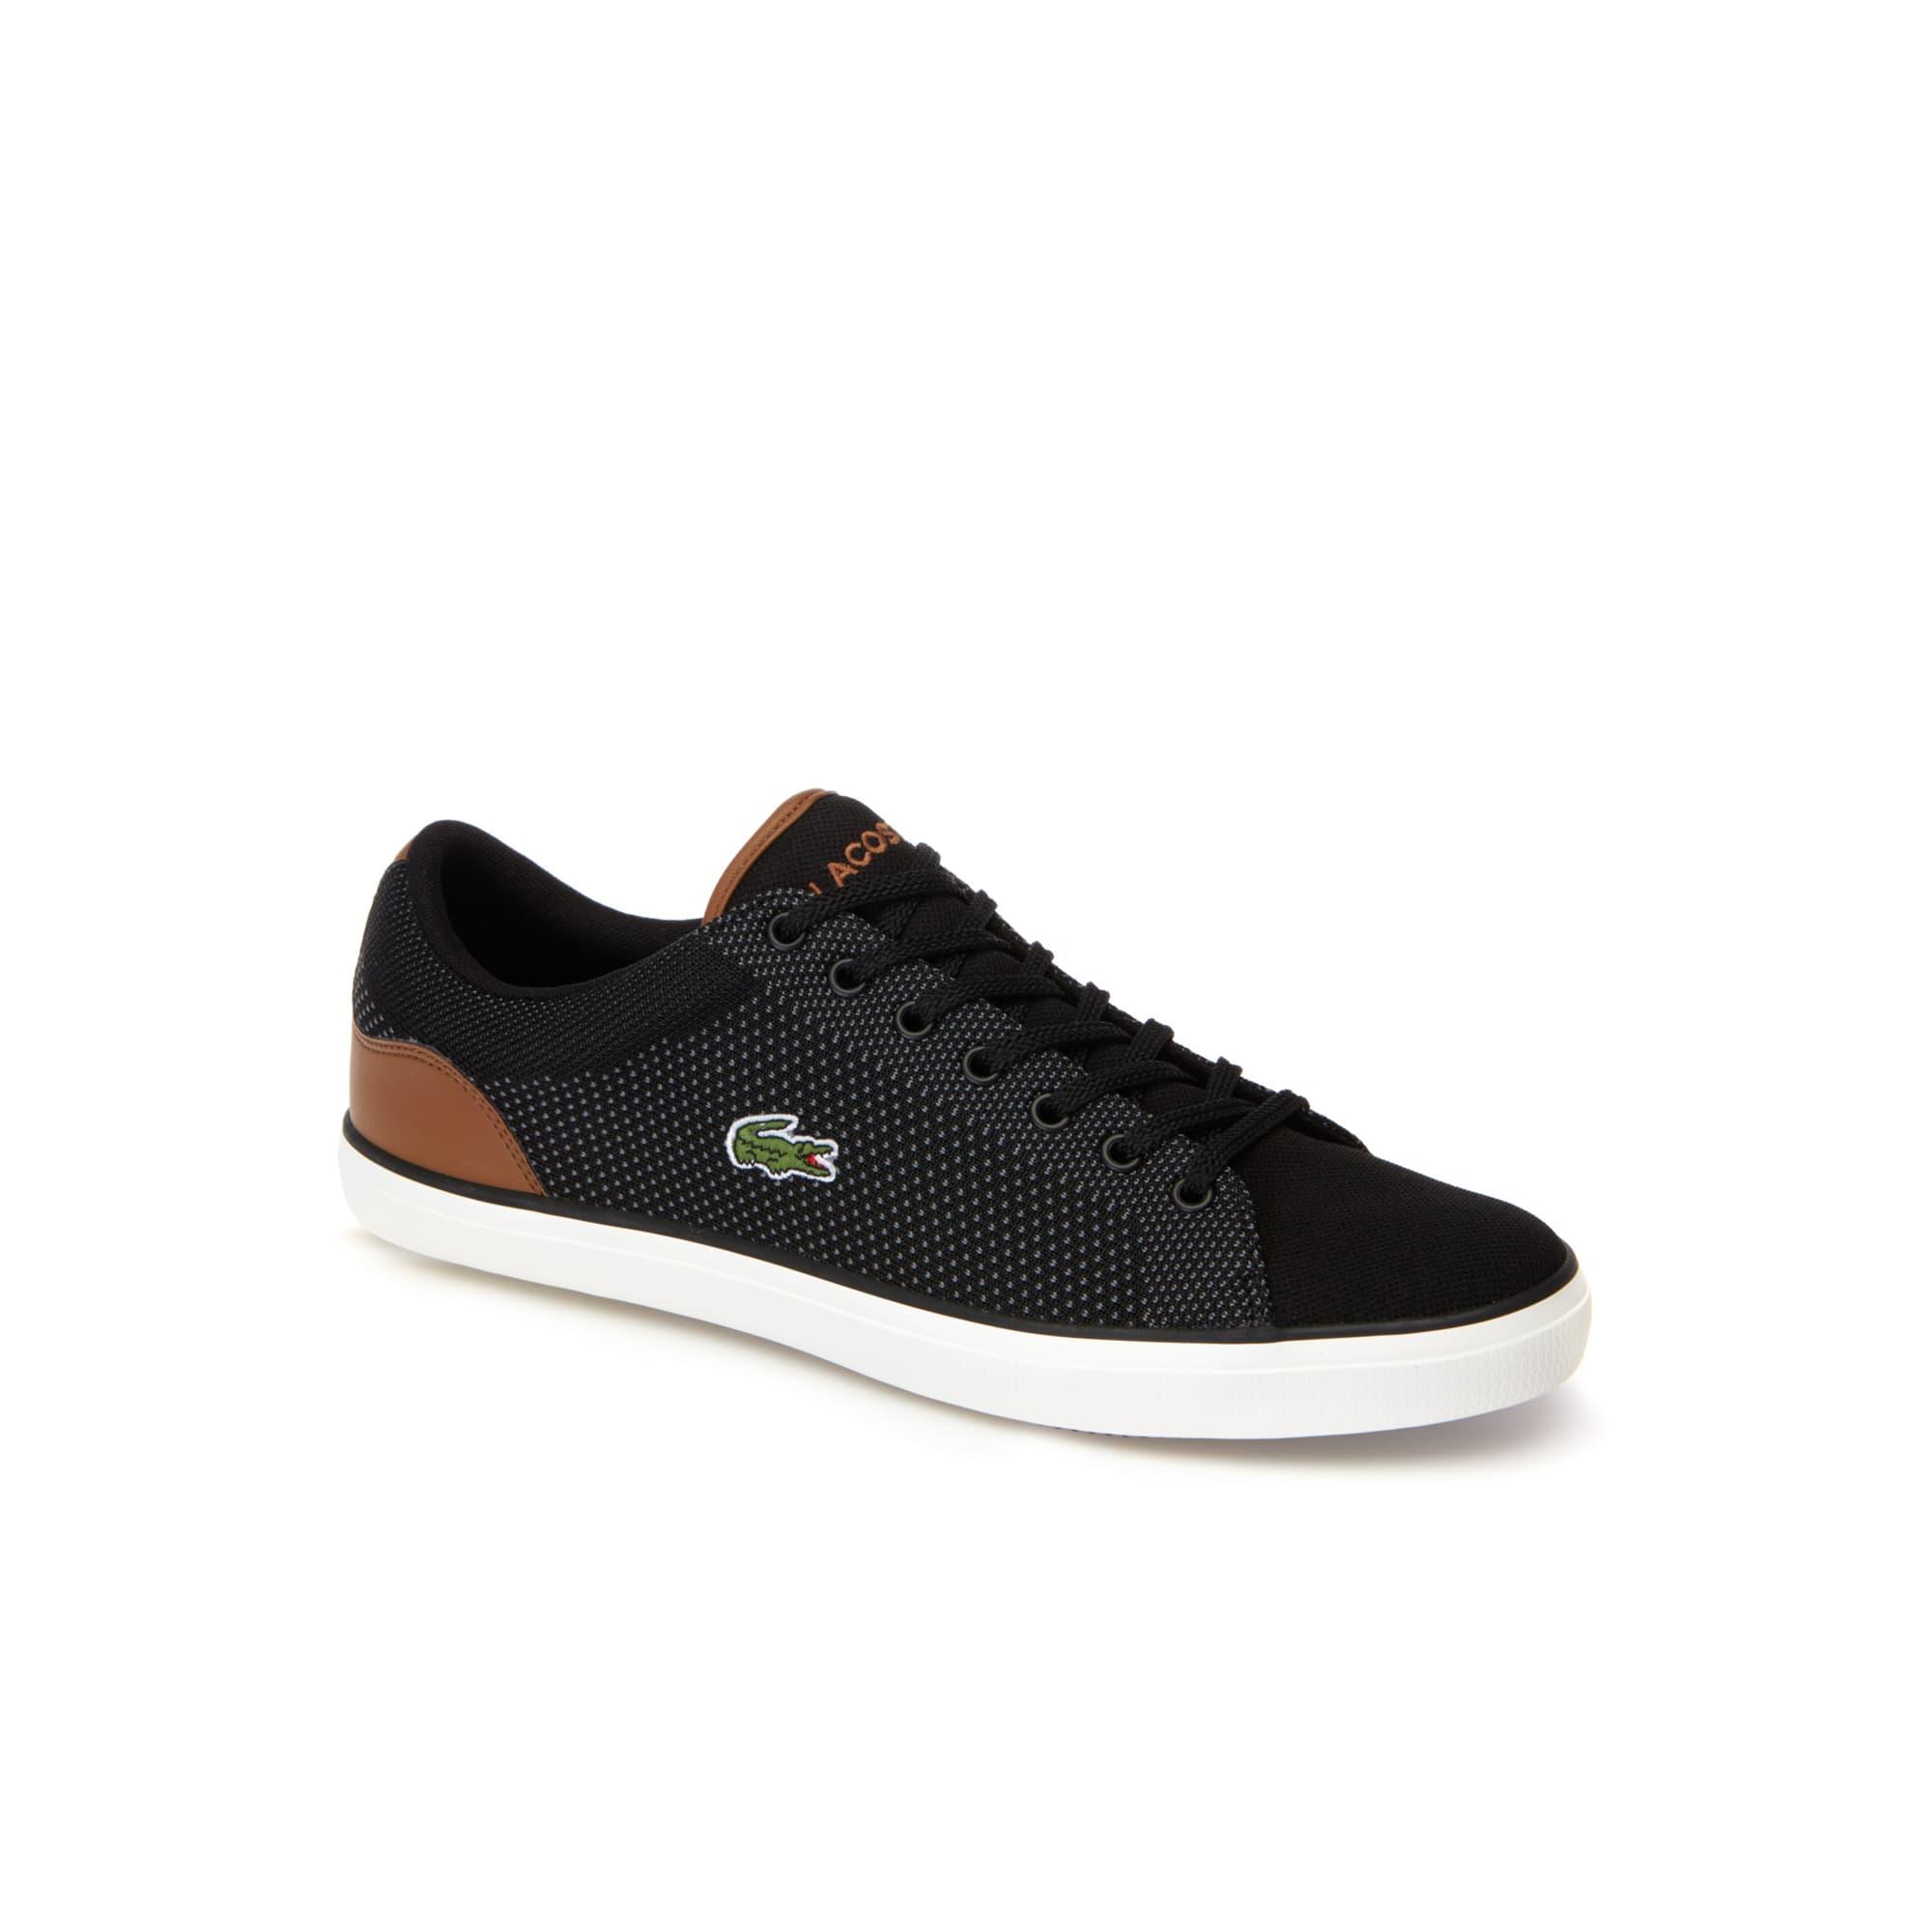 Herren-Sneakers LEROND aus Textil